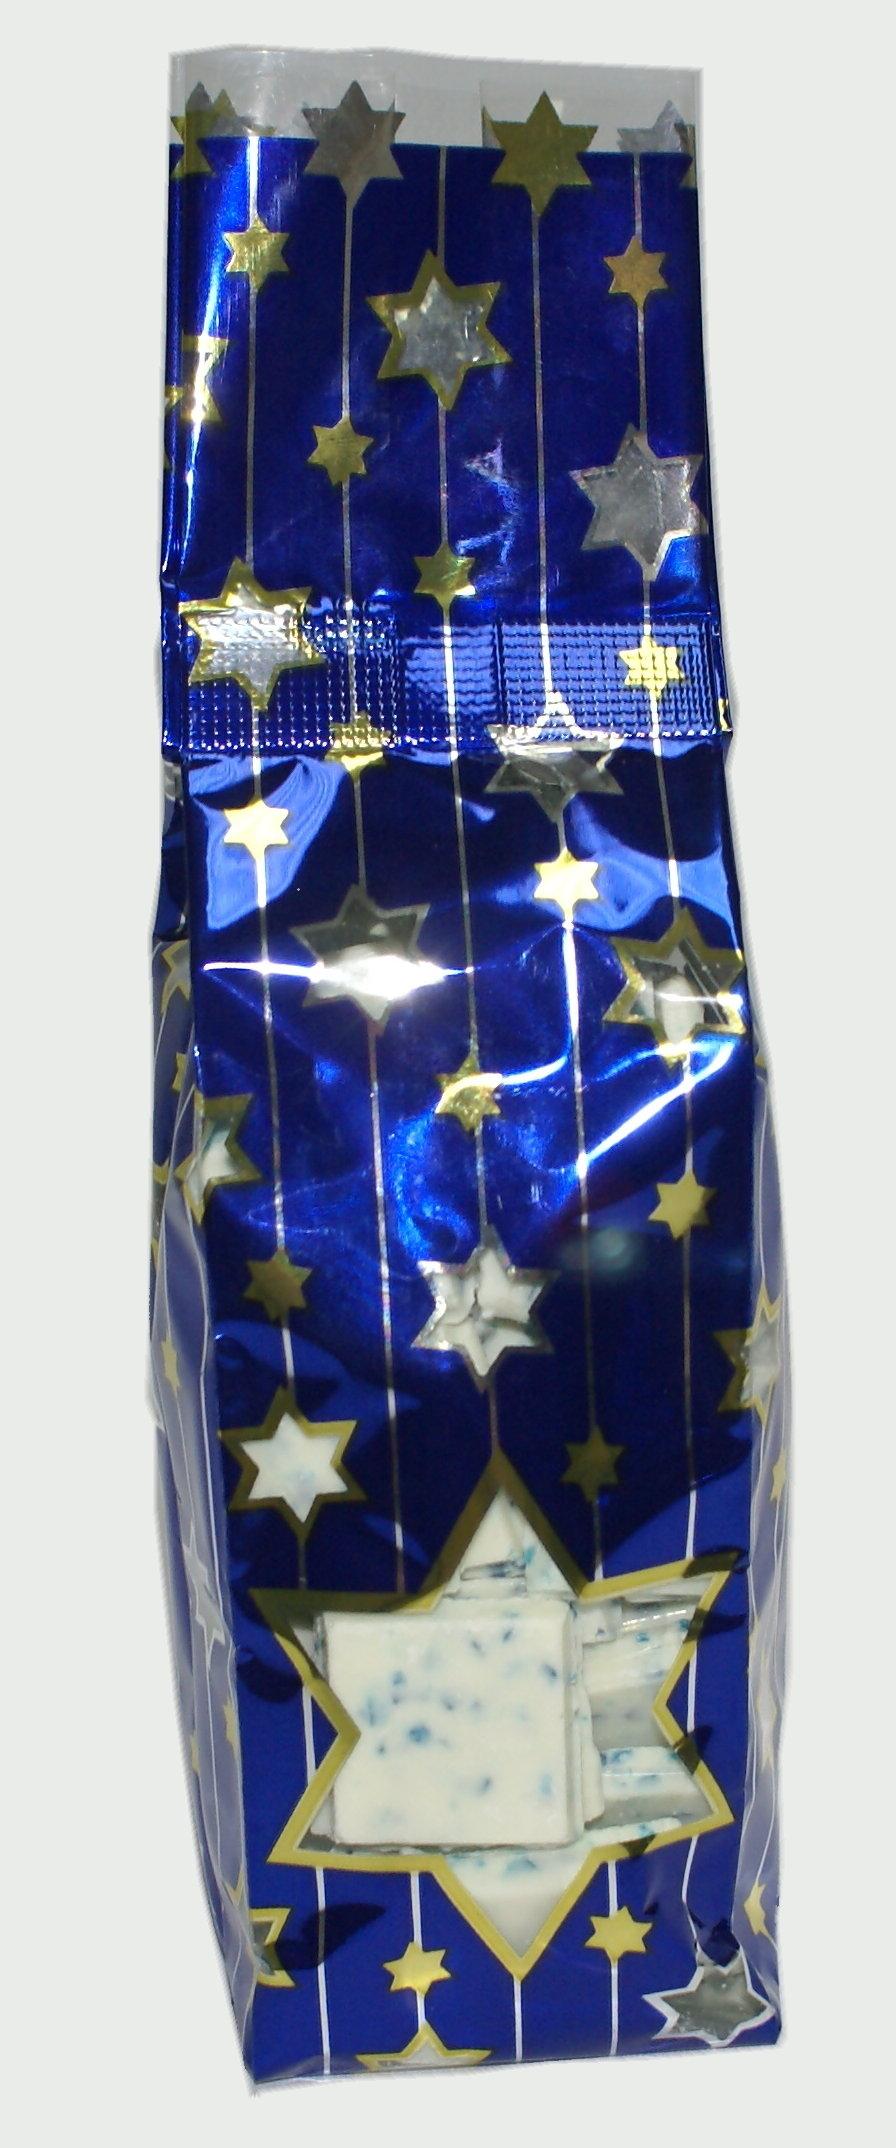 Bark Candy - 1/2 lb. Judaica Bag - Wholesale W-C12J-Judaica Judaica Bag